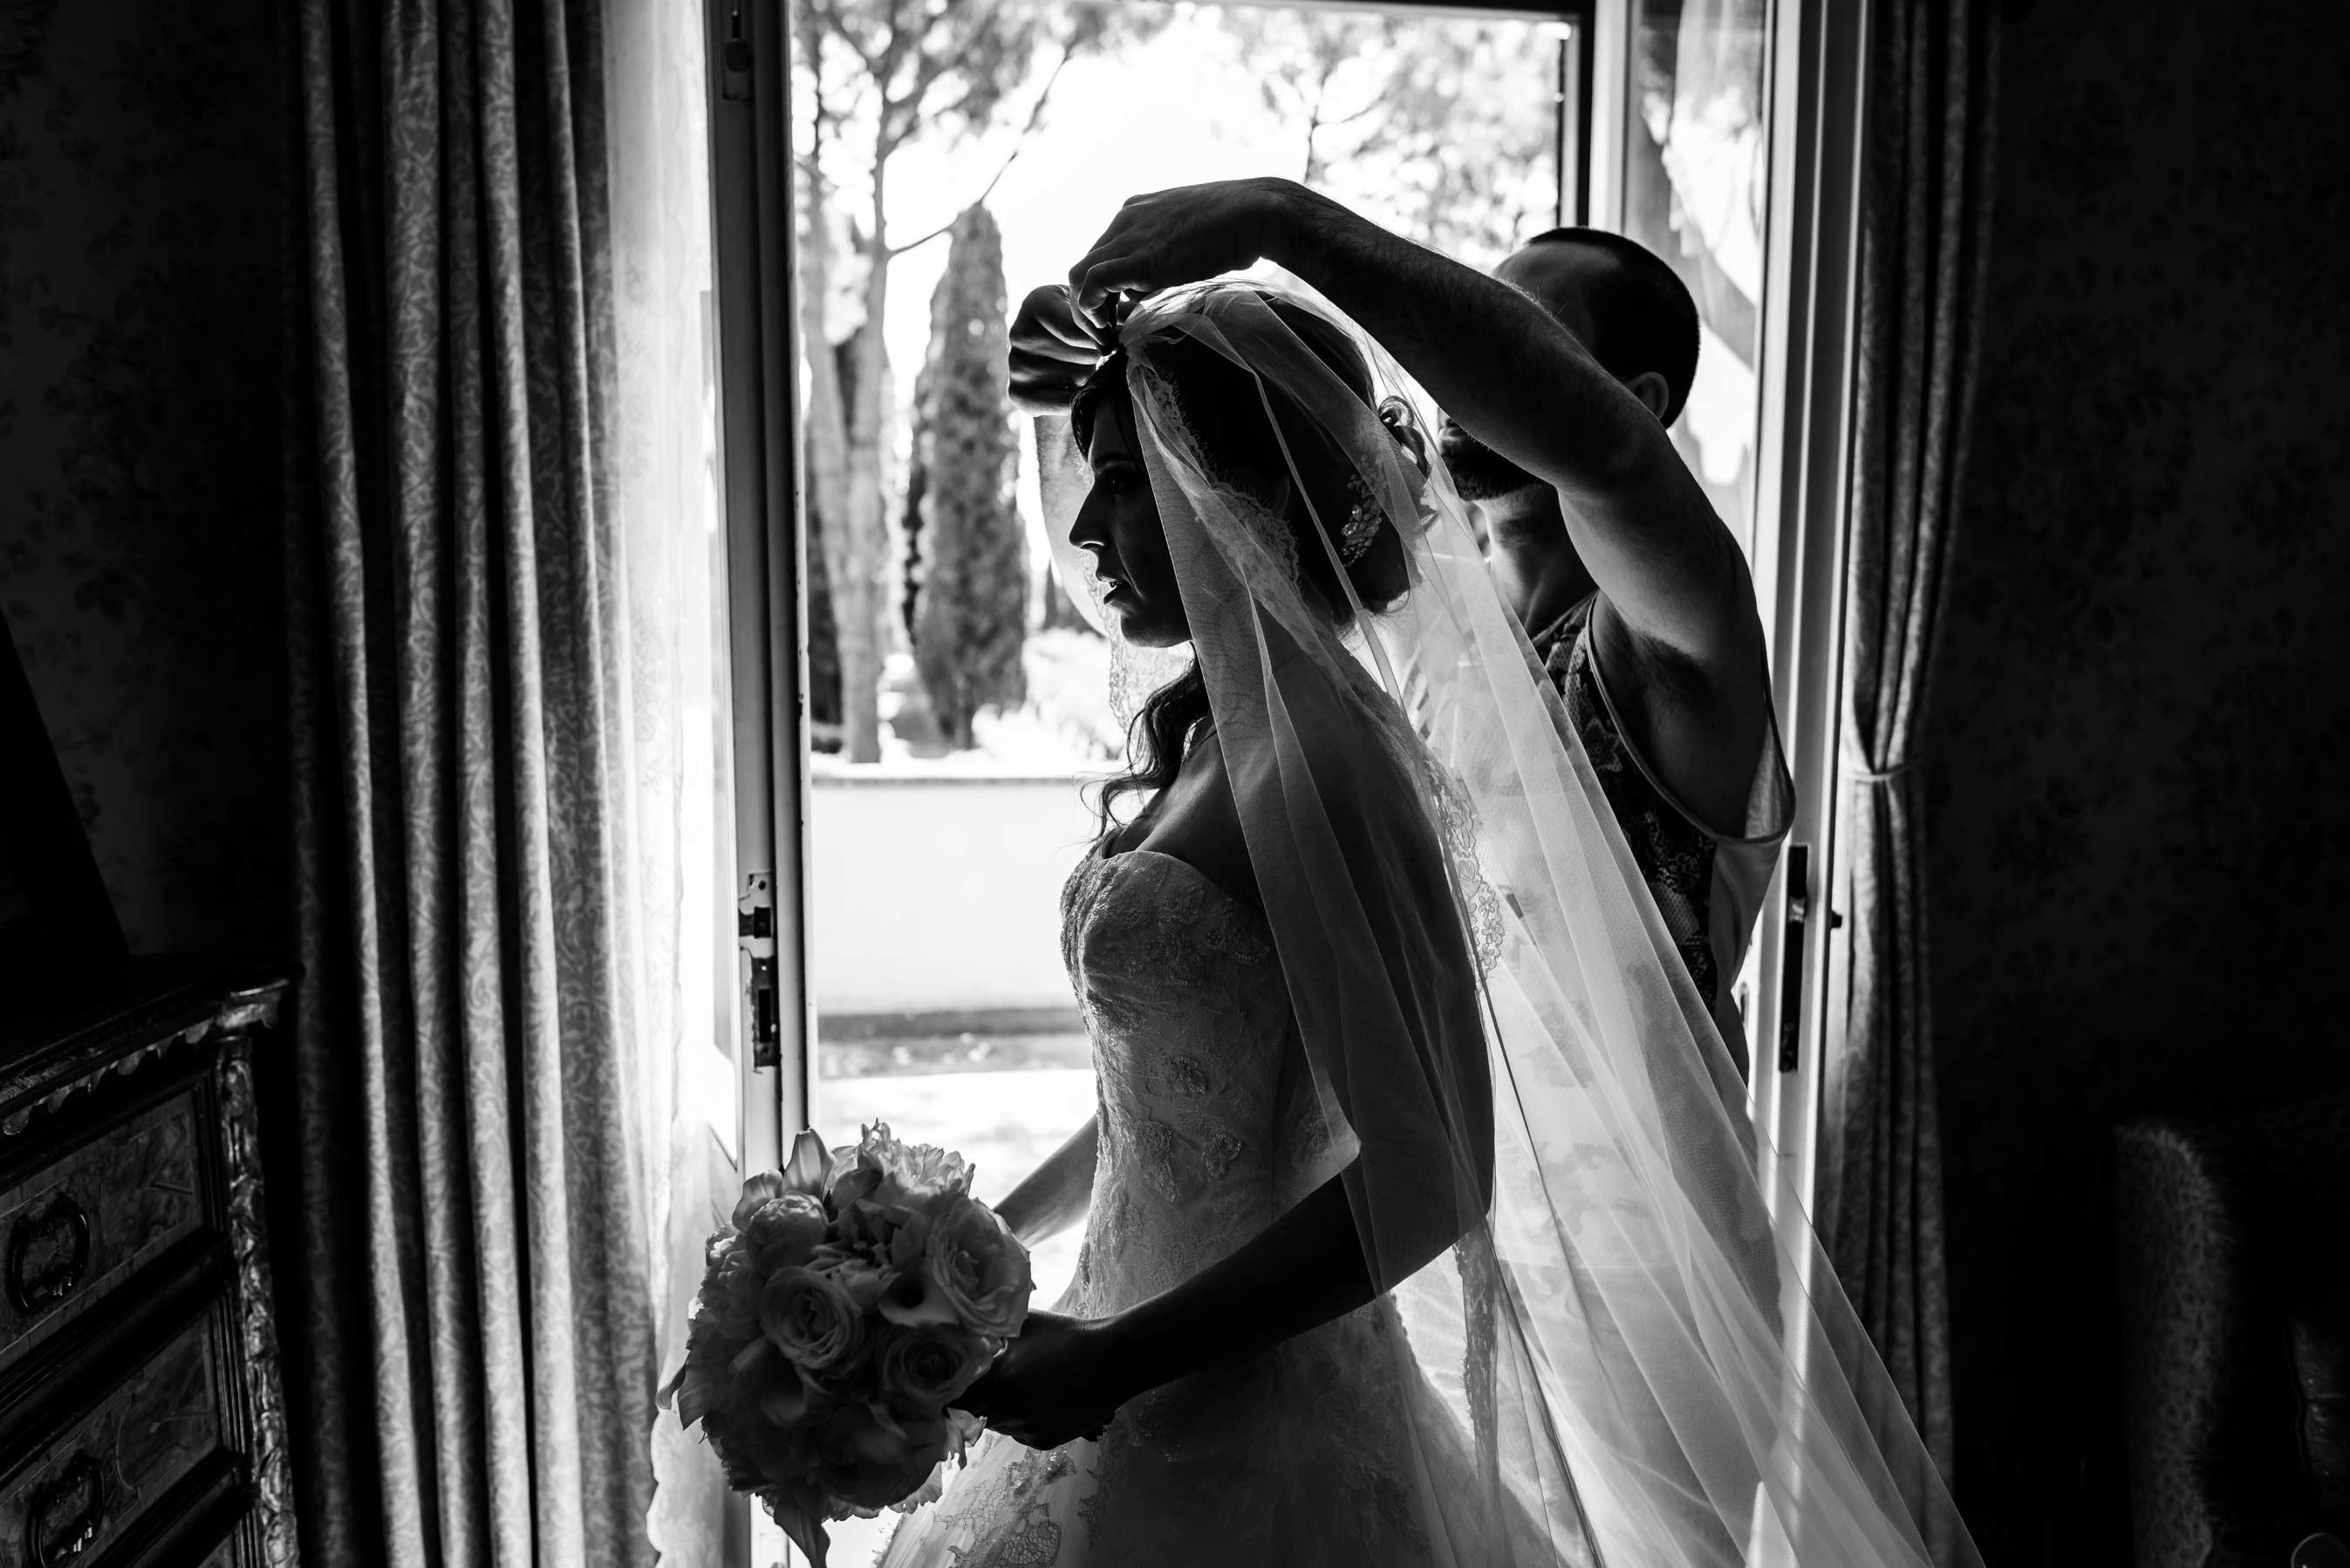 Fotografo-Matrimoni-Stile-Reportage-Preparativi-Sposa